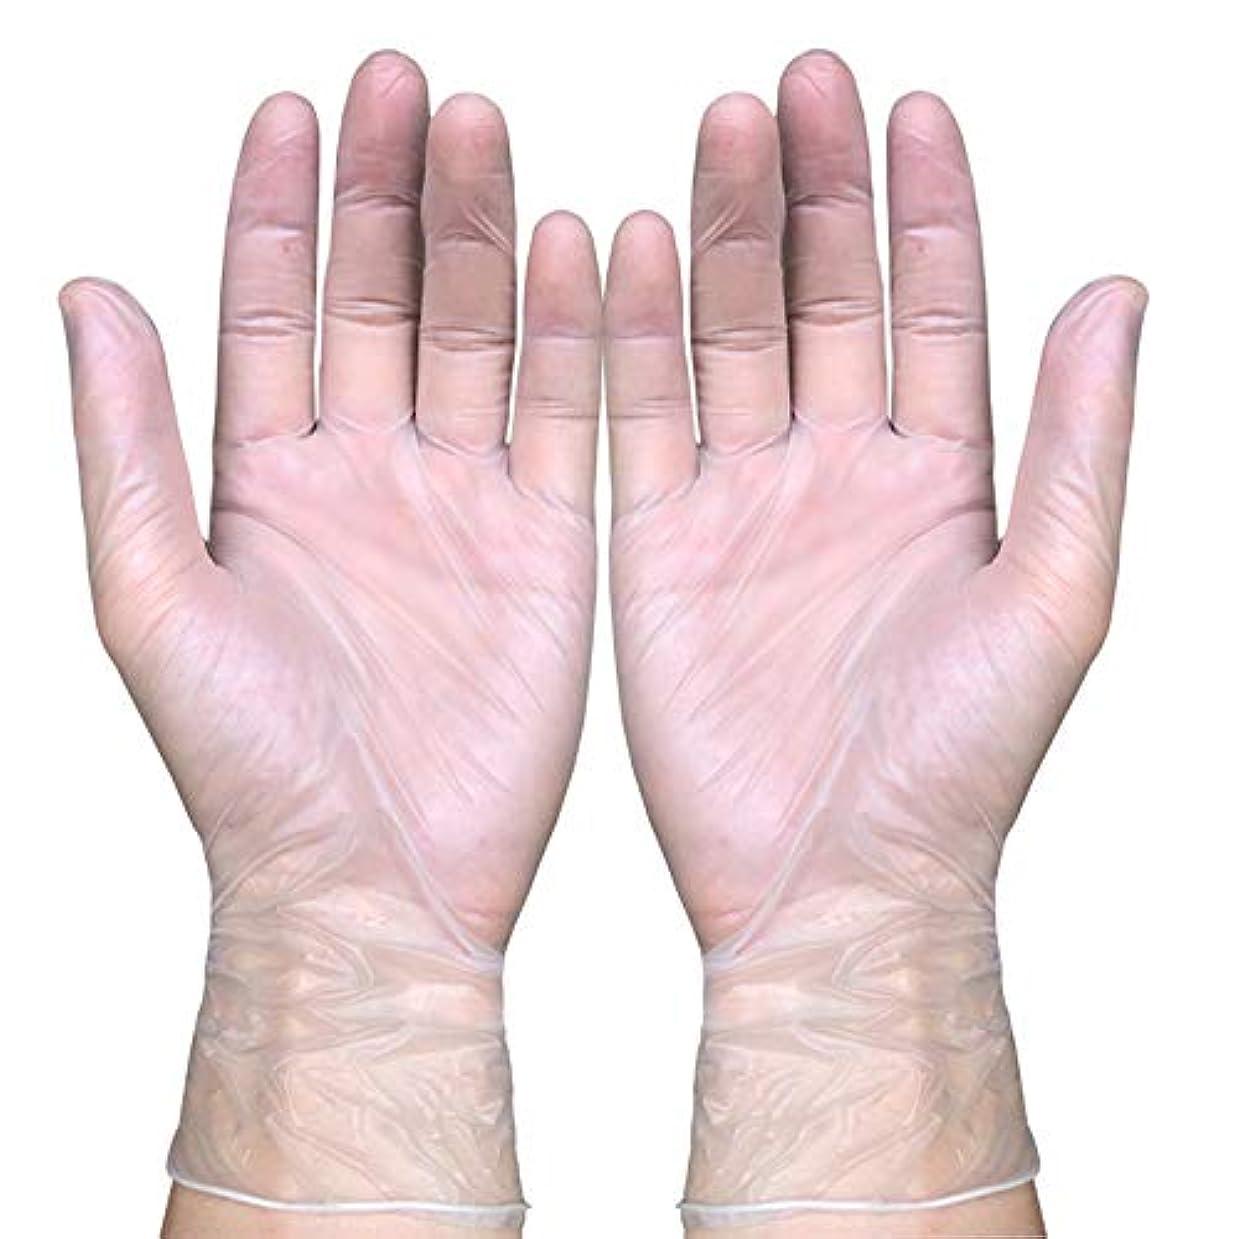 デュアル素敵な広げる使い捨て医療ビニール検査用手袋、液体、血液、検査、ヘルスケア、食品の取り扱い粉なし、100カウント,S